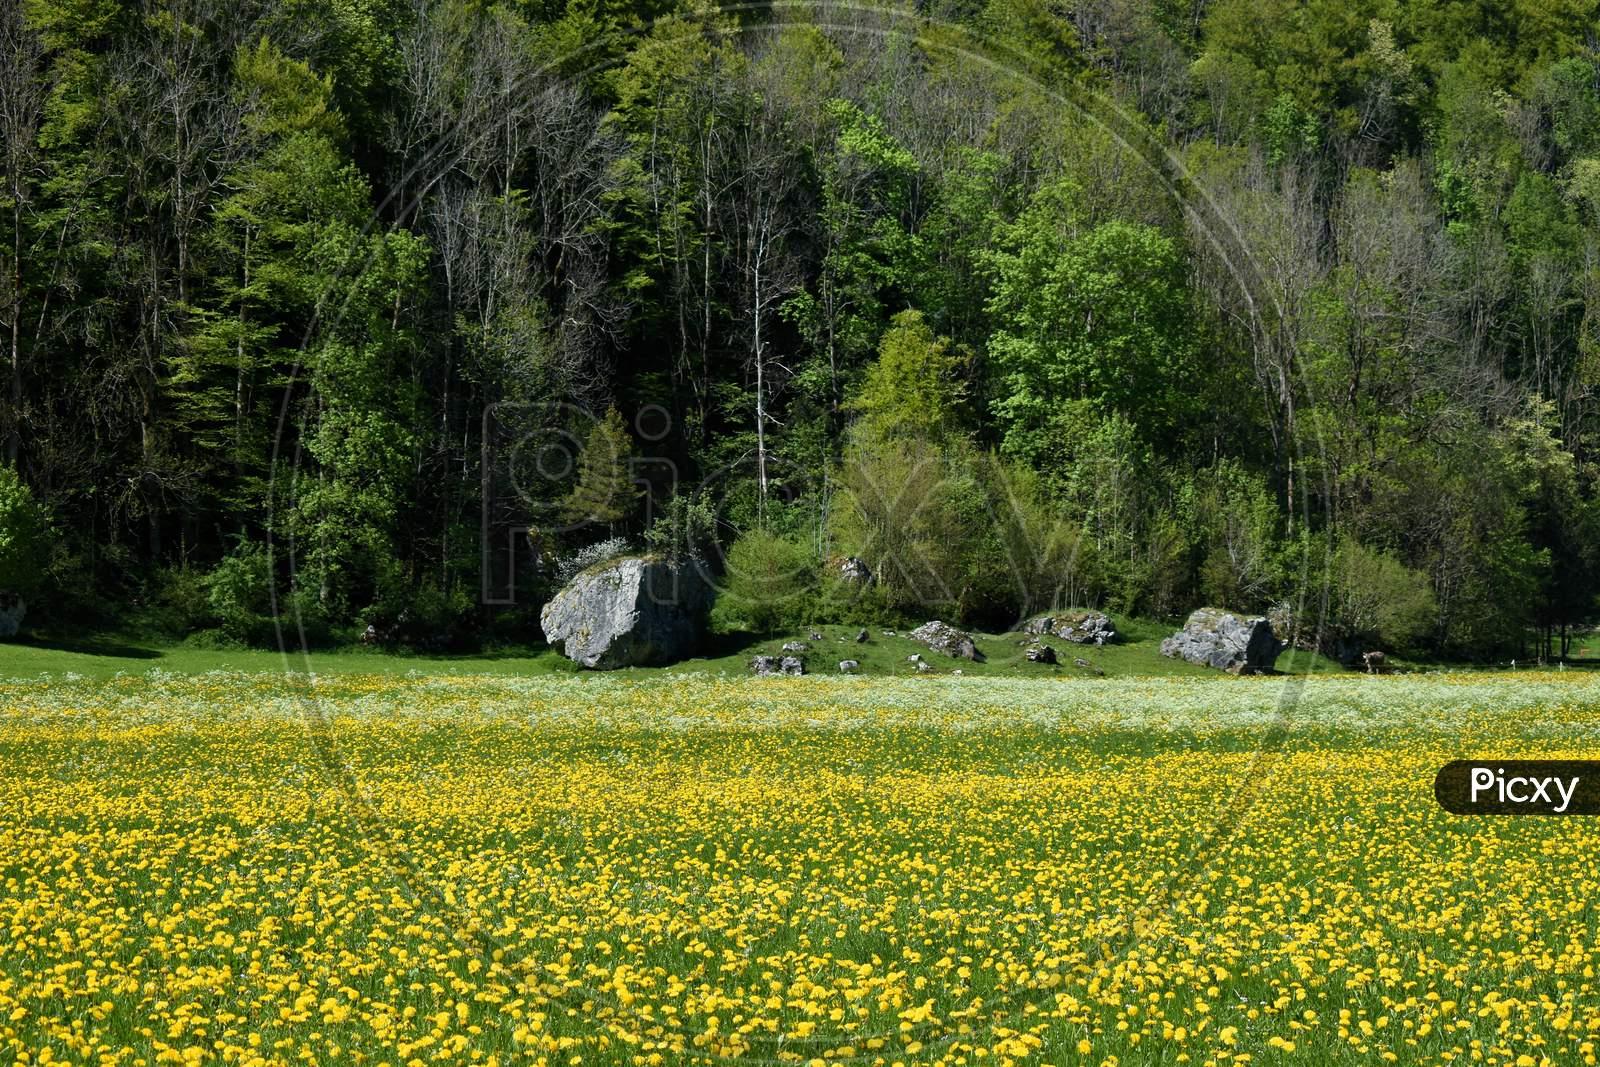 Dandelions in a fresh meadow in Switzerland 7.5.2020